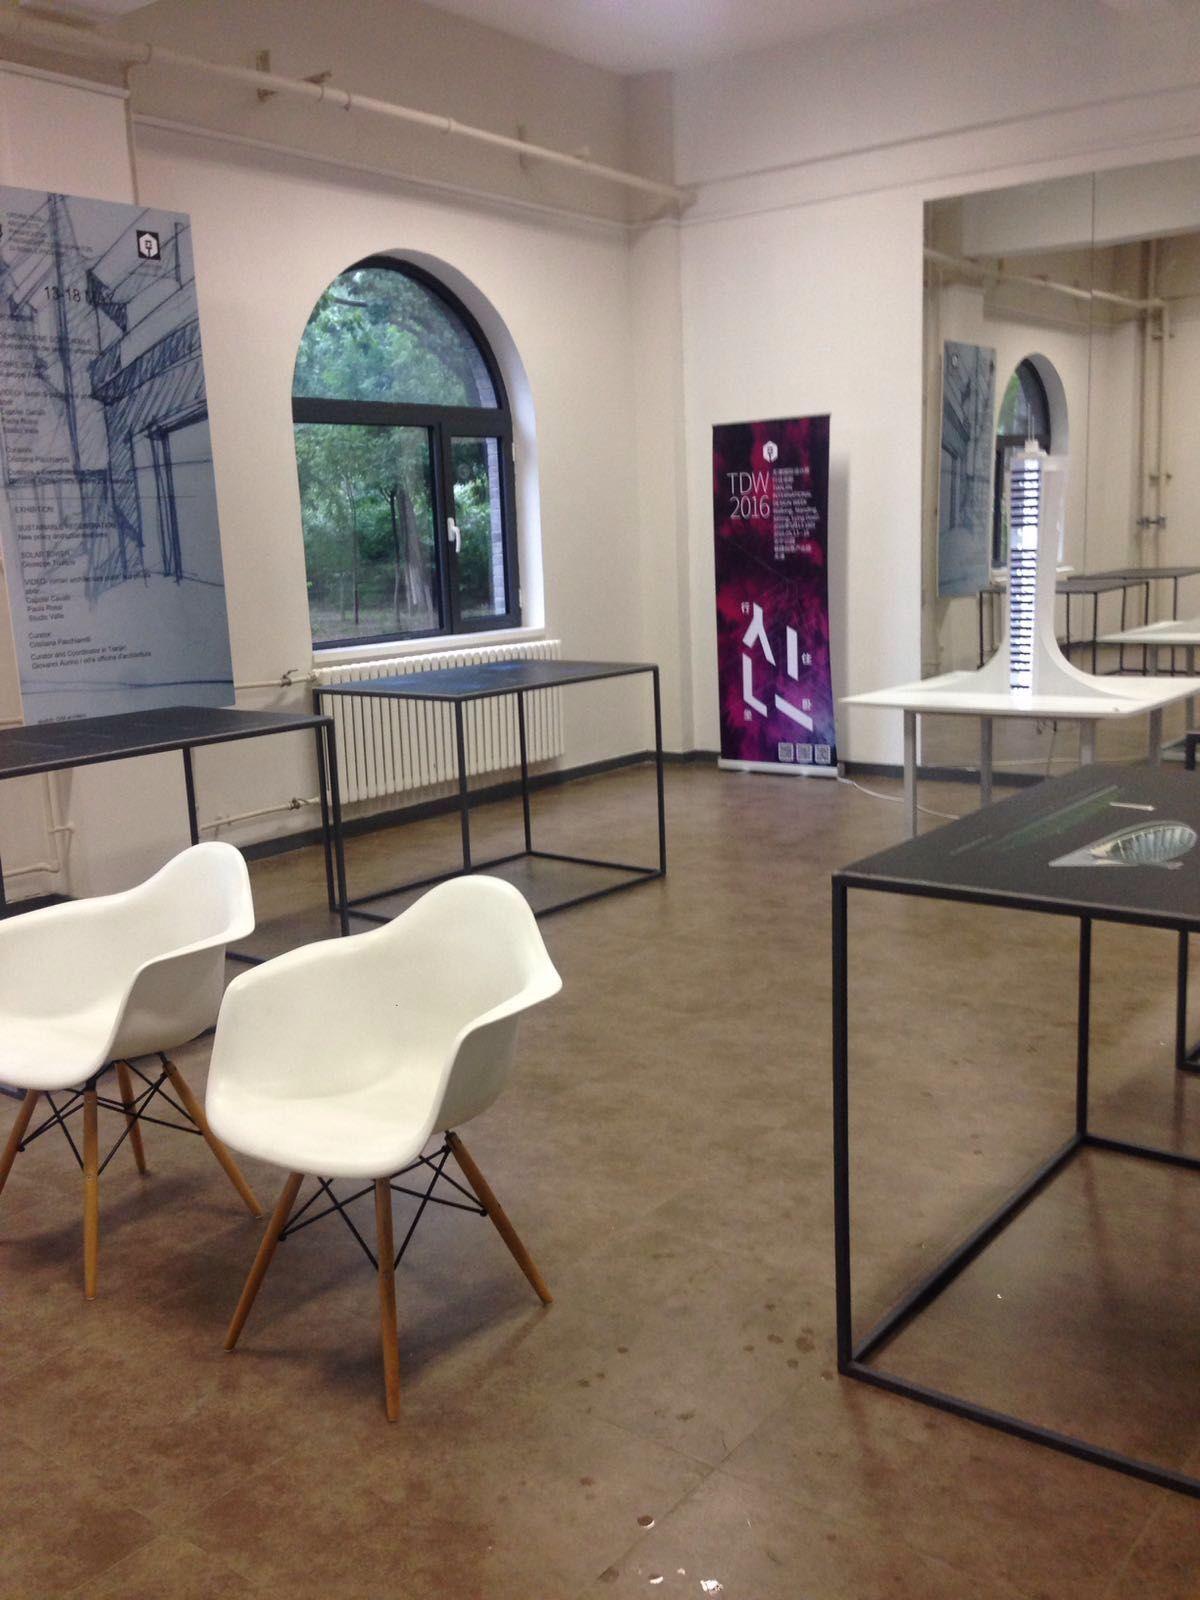 Design Degli Interni Roma l'ordine degli architetti di roma partecipa con una mostra